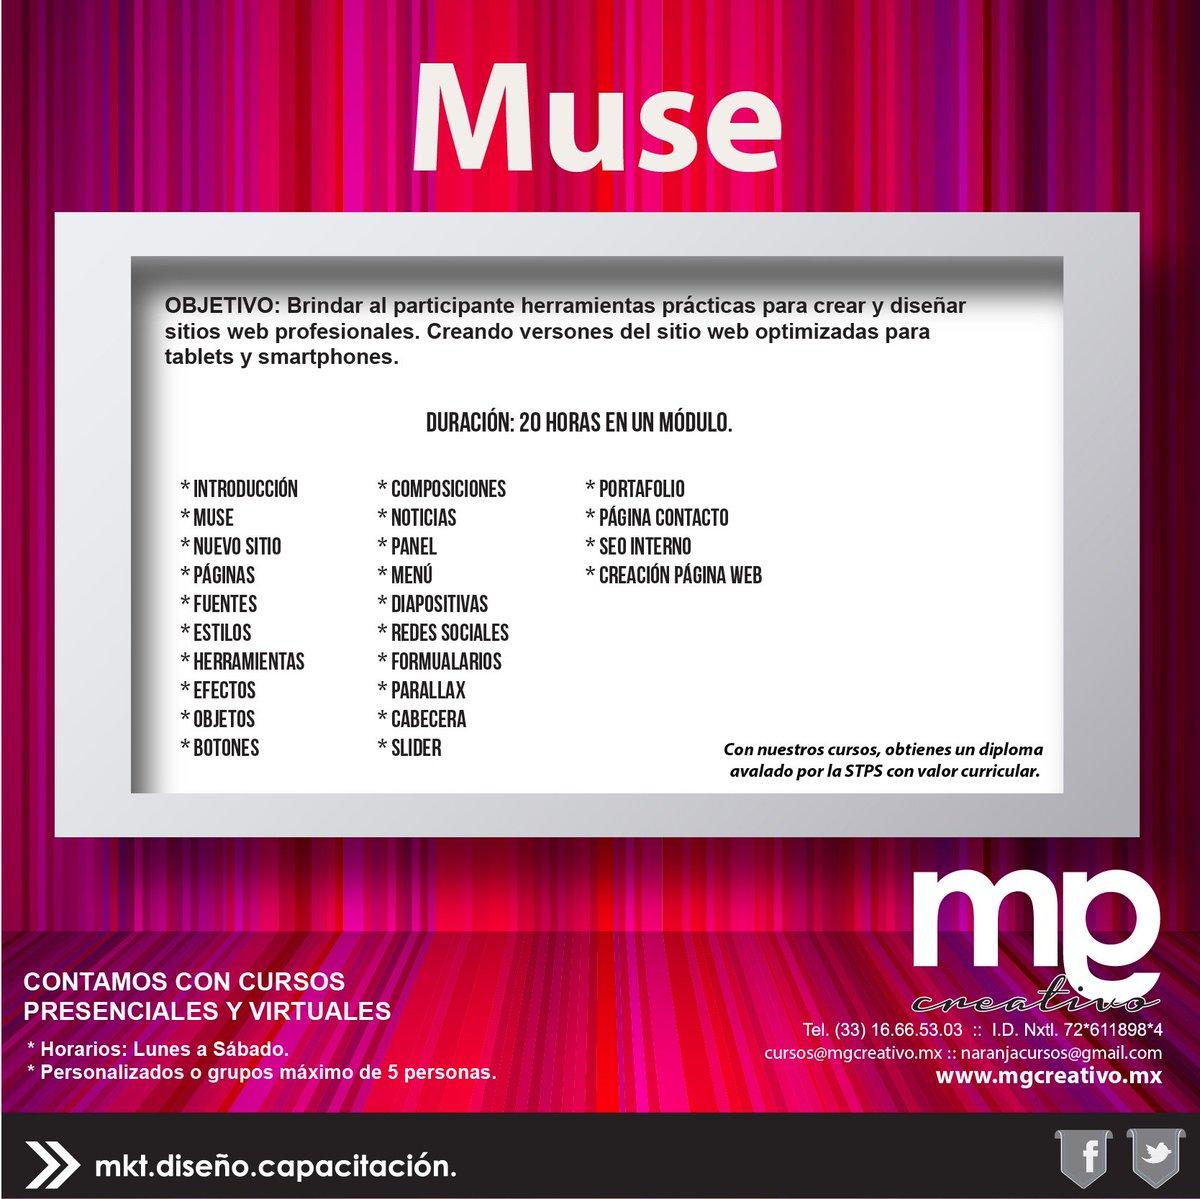 mg cursos (@CursosNaranja) | Twitter